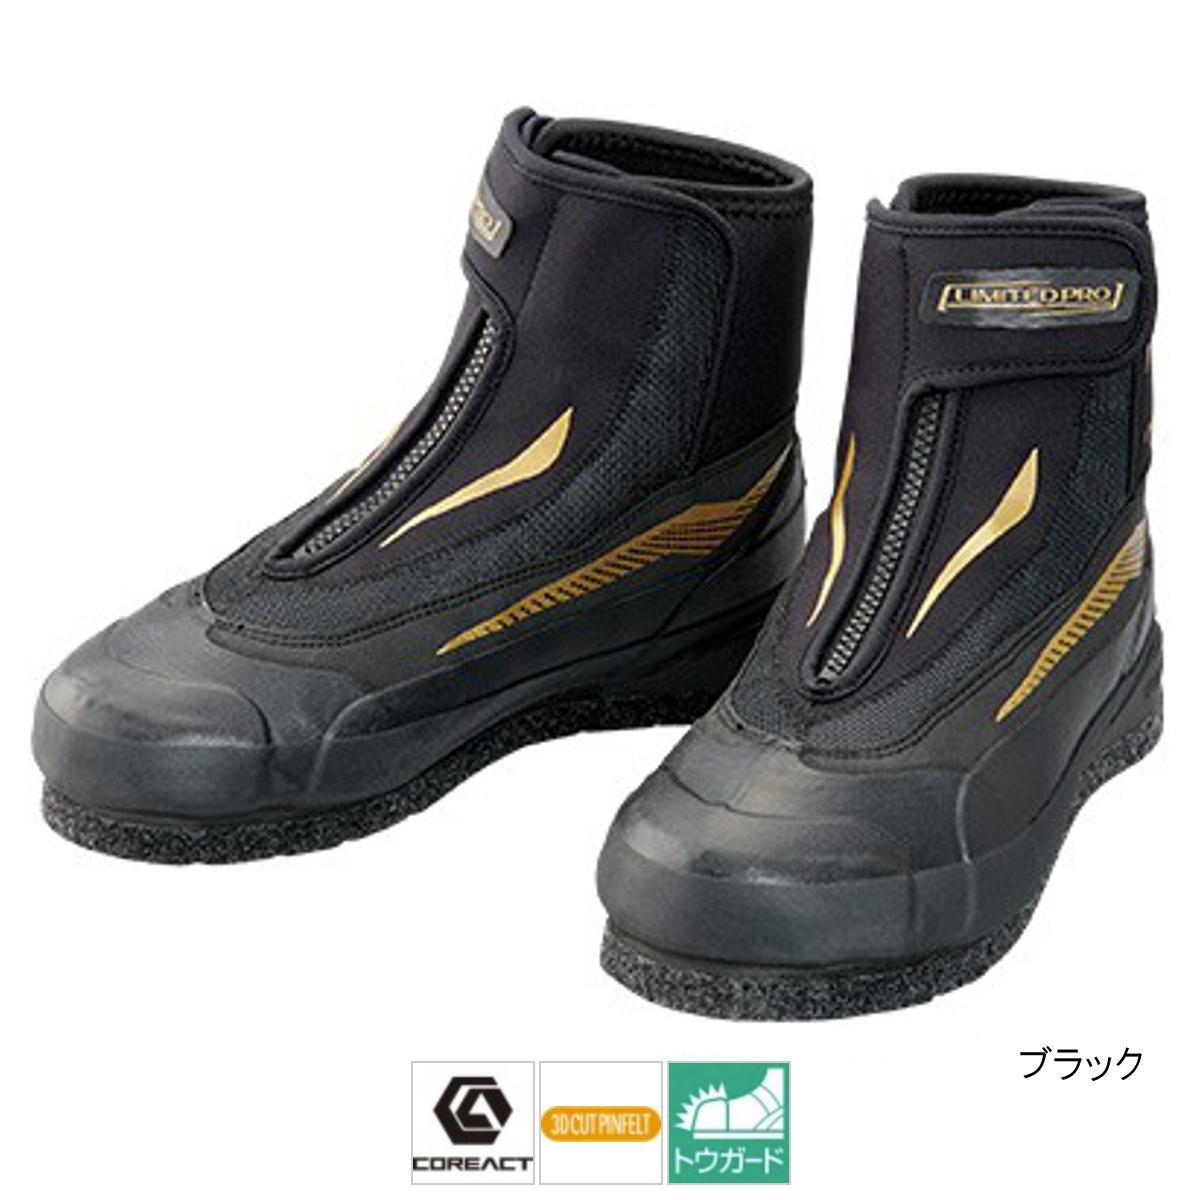 シマノ 3Dカットピンフェルトシューズリミテッドプロ FA-057S 25.0cm ブラック【送料無料】